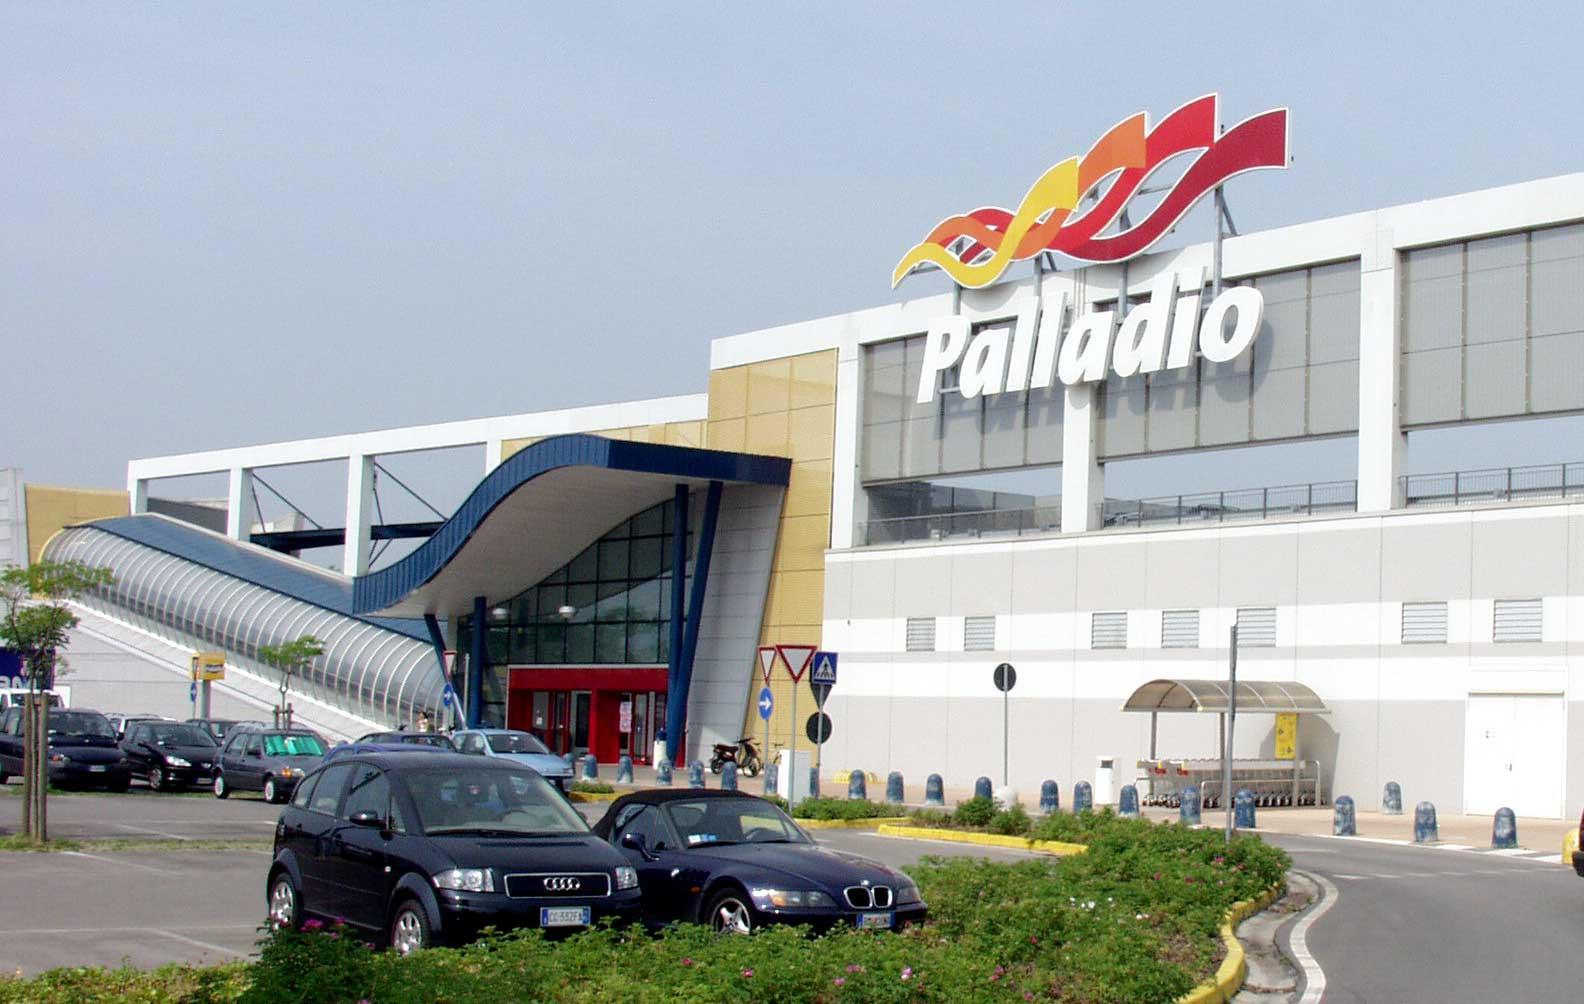 Struttura turistica centro commerciale palladio for Negozi arredamento vicenza